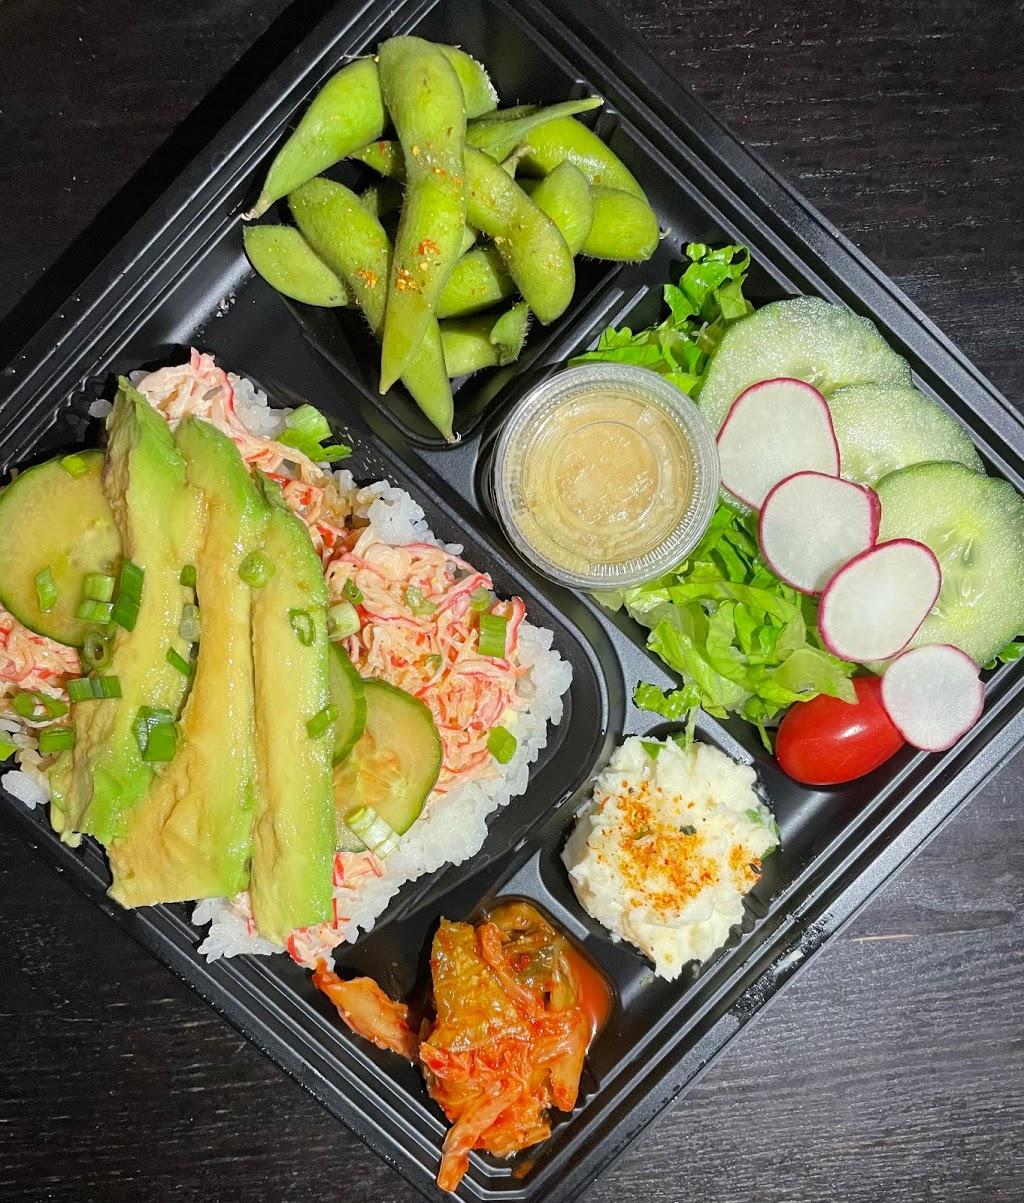 Arigato Market | restaurant | 1407 W Grand Ave, Chicago, IL 60642, USA | 3122650966 OR +1 312-265-0966